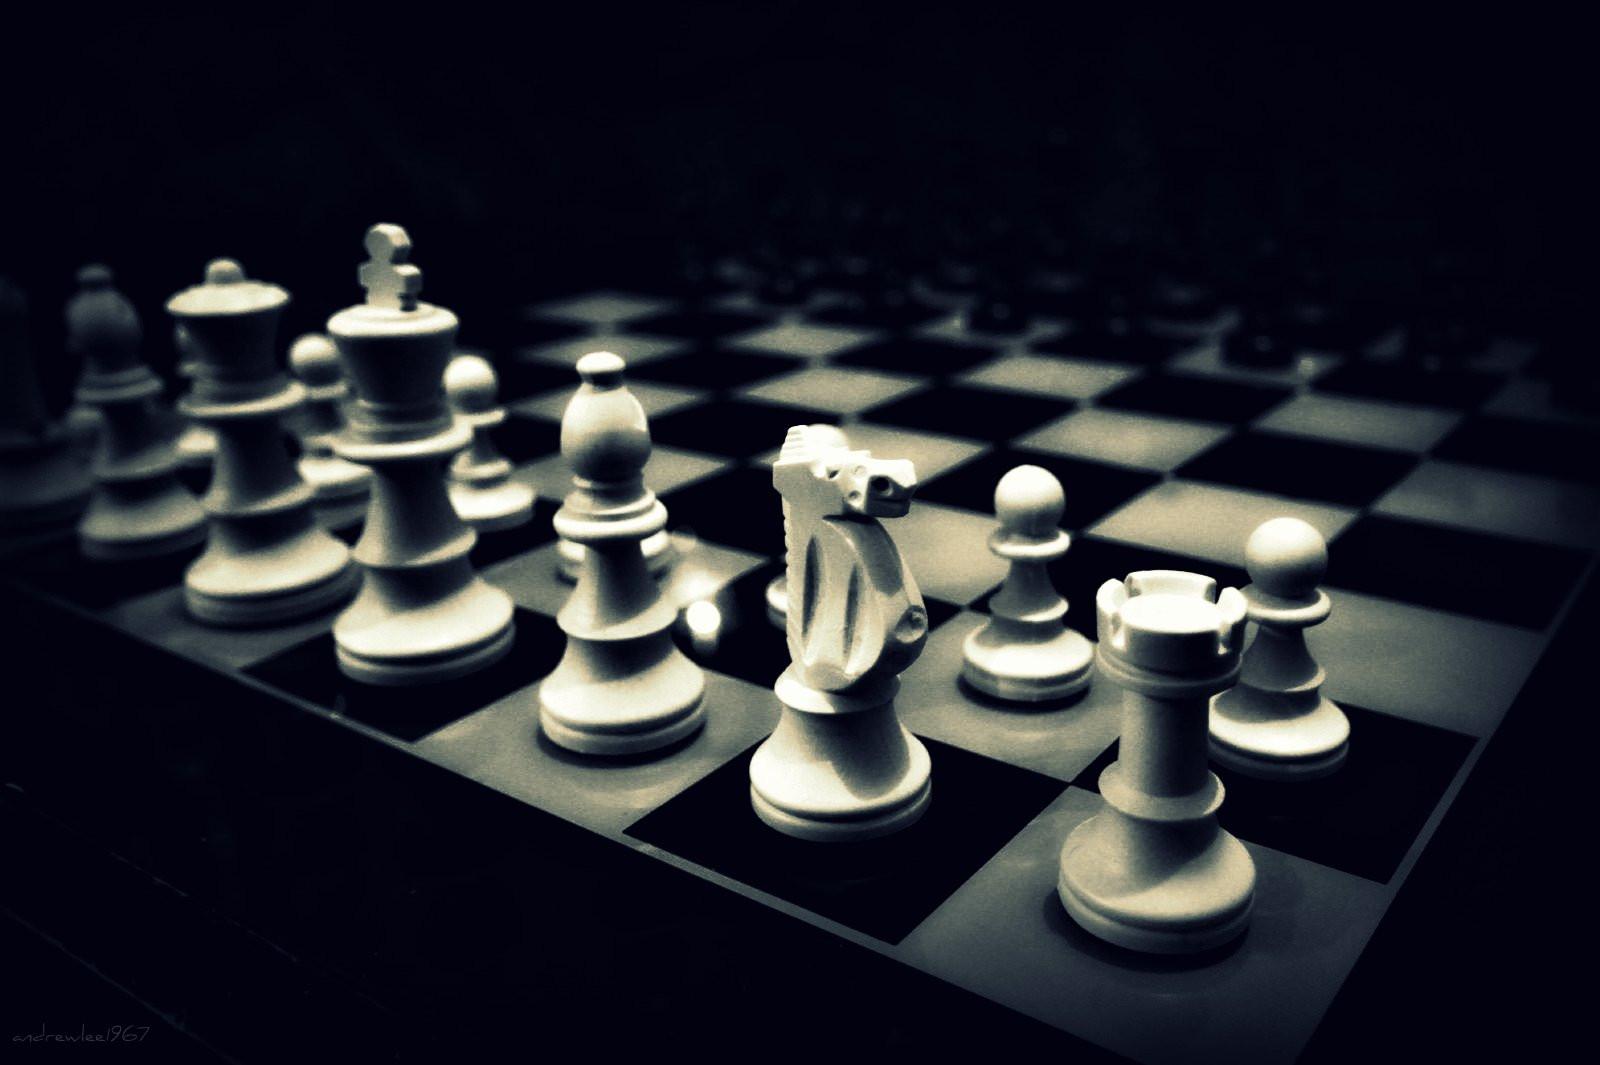 デスクトップ壁紙 ボードゲーム 屋内ゲーム スポーツ チェス盤